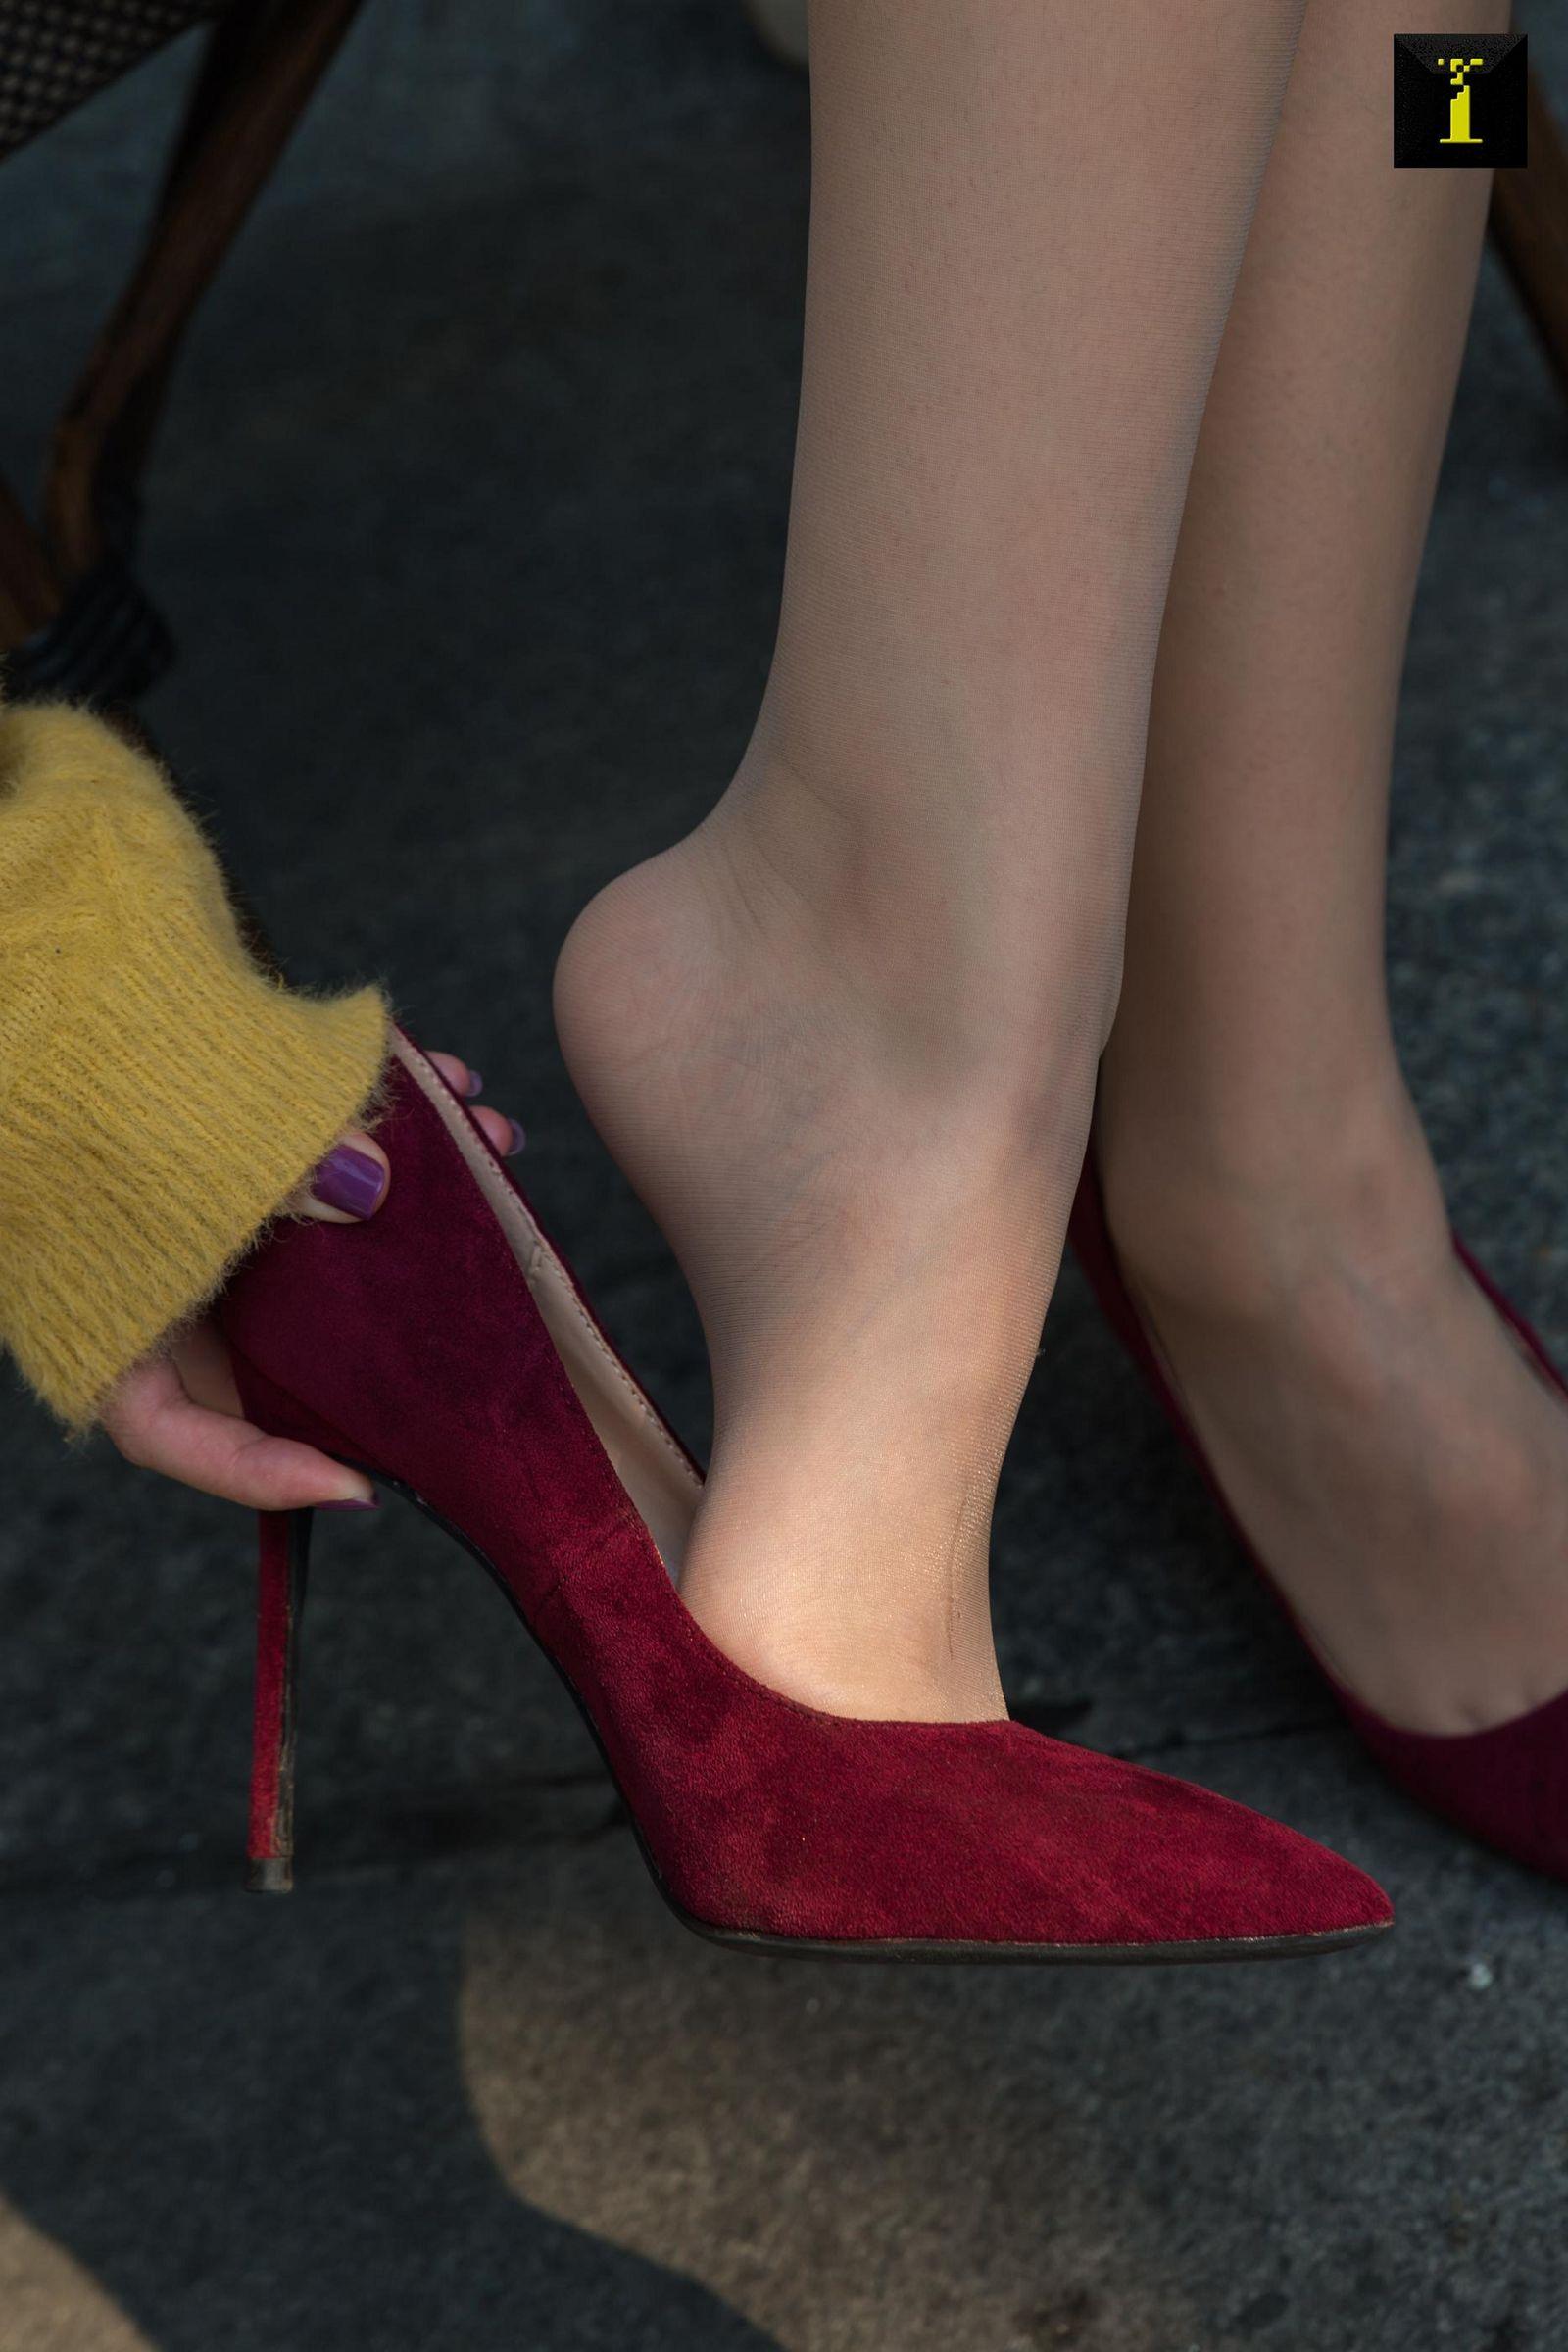 [IESS异思趣向] 2019.12.05 丝享家636:紫薇 – 换上新买的高跟鞋[95P] 异思趣向 第2张